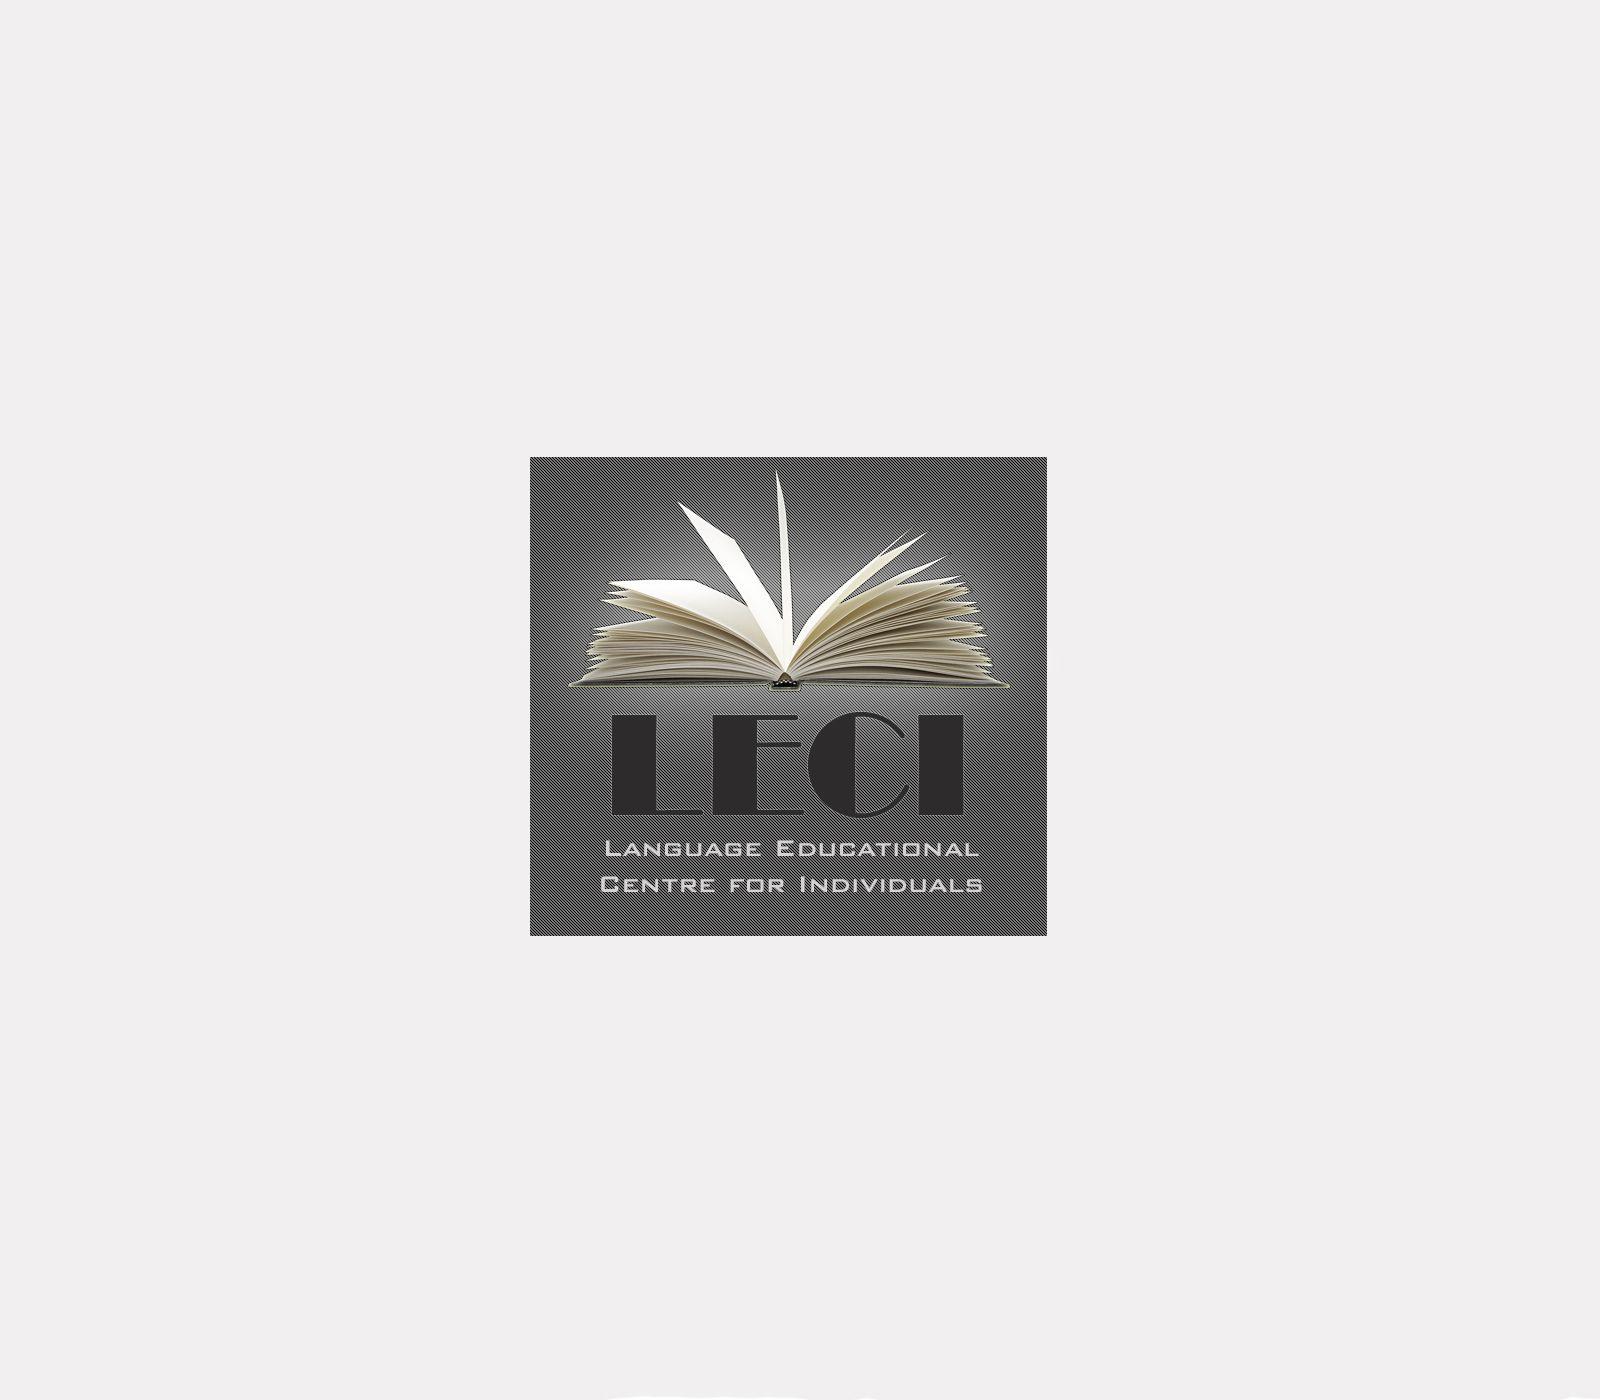 Лого для образовательного учреждения LECI  - дизайнер fixsed